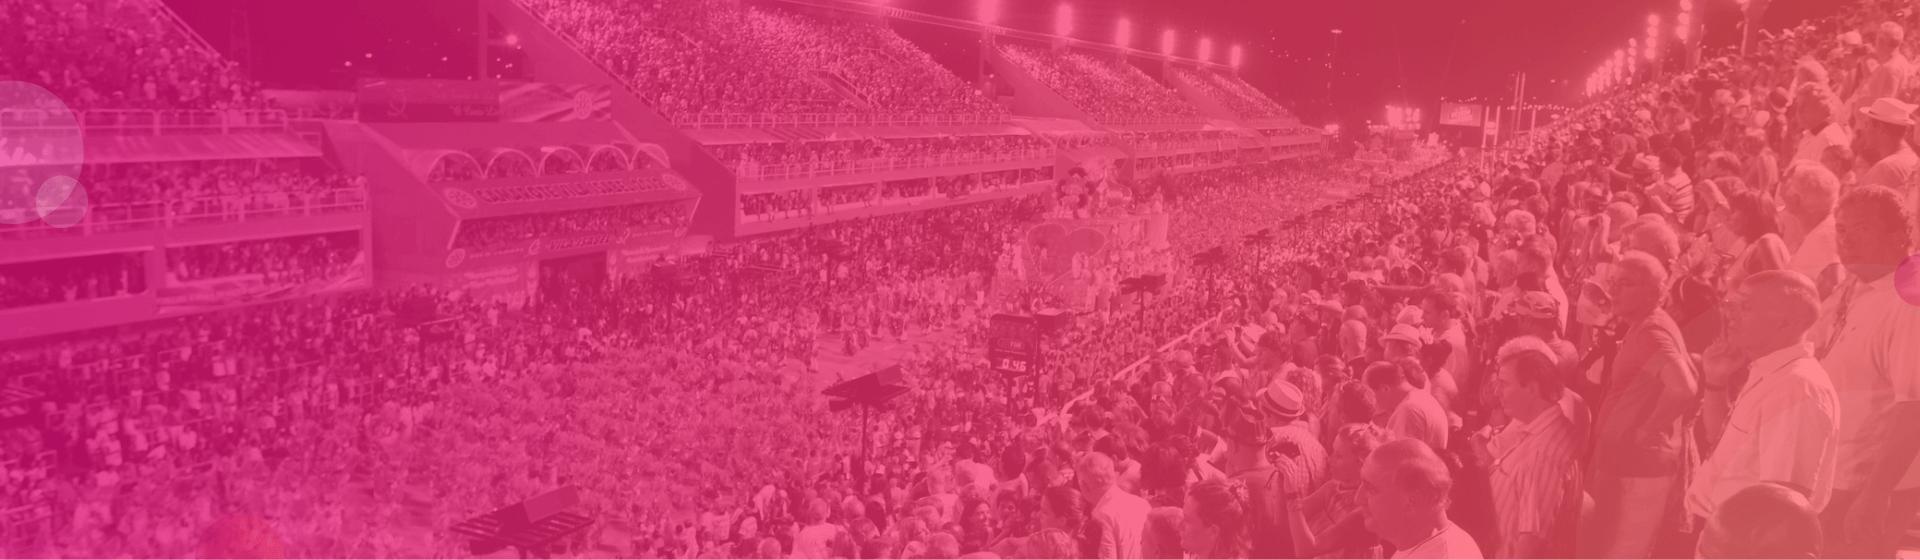 Sambadrom Tickets für den Karneval in Rio